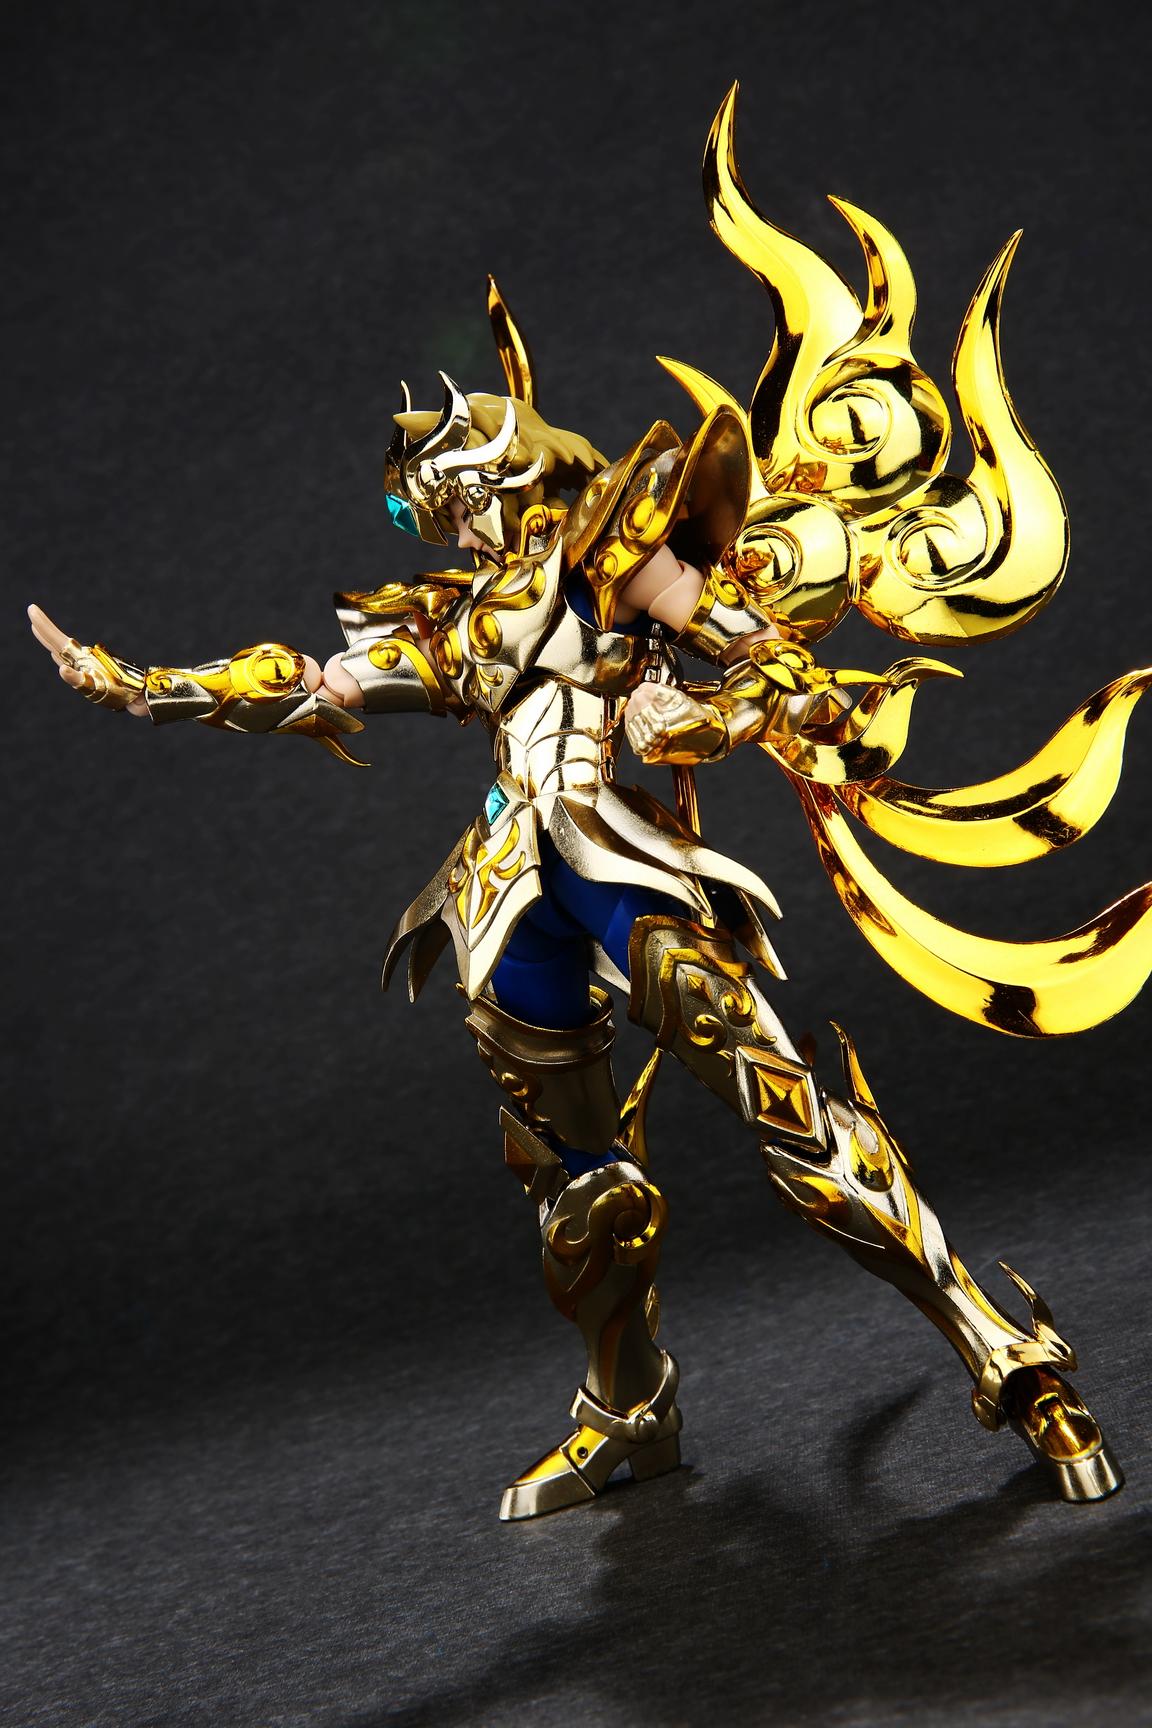 [Comentários] Saint Cloth Myth EX - Soul of Gold Aiolia de Leão - Página 9 VxWeArdj